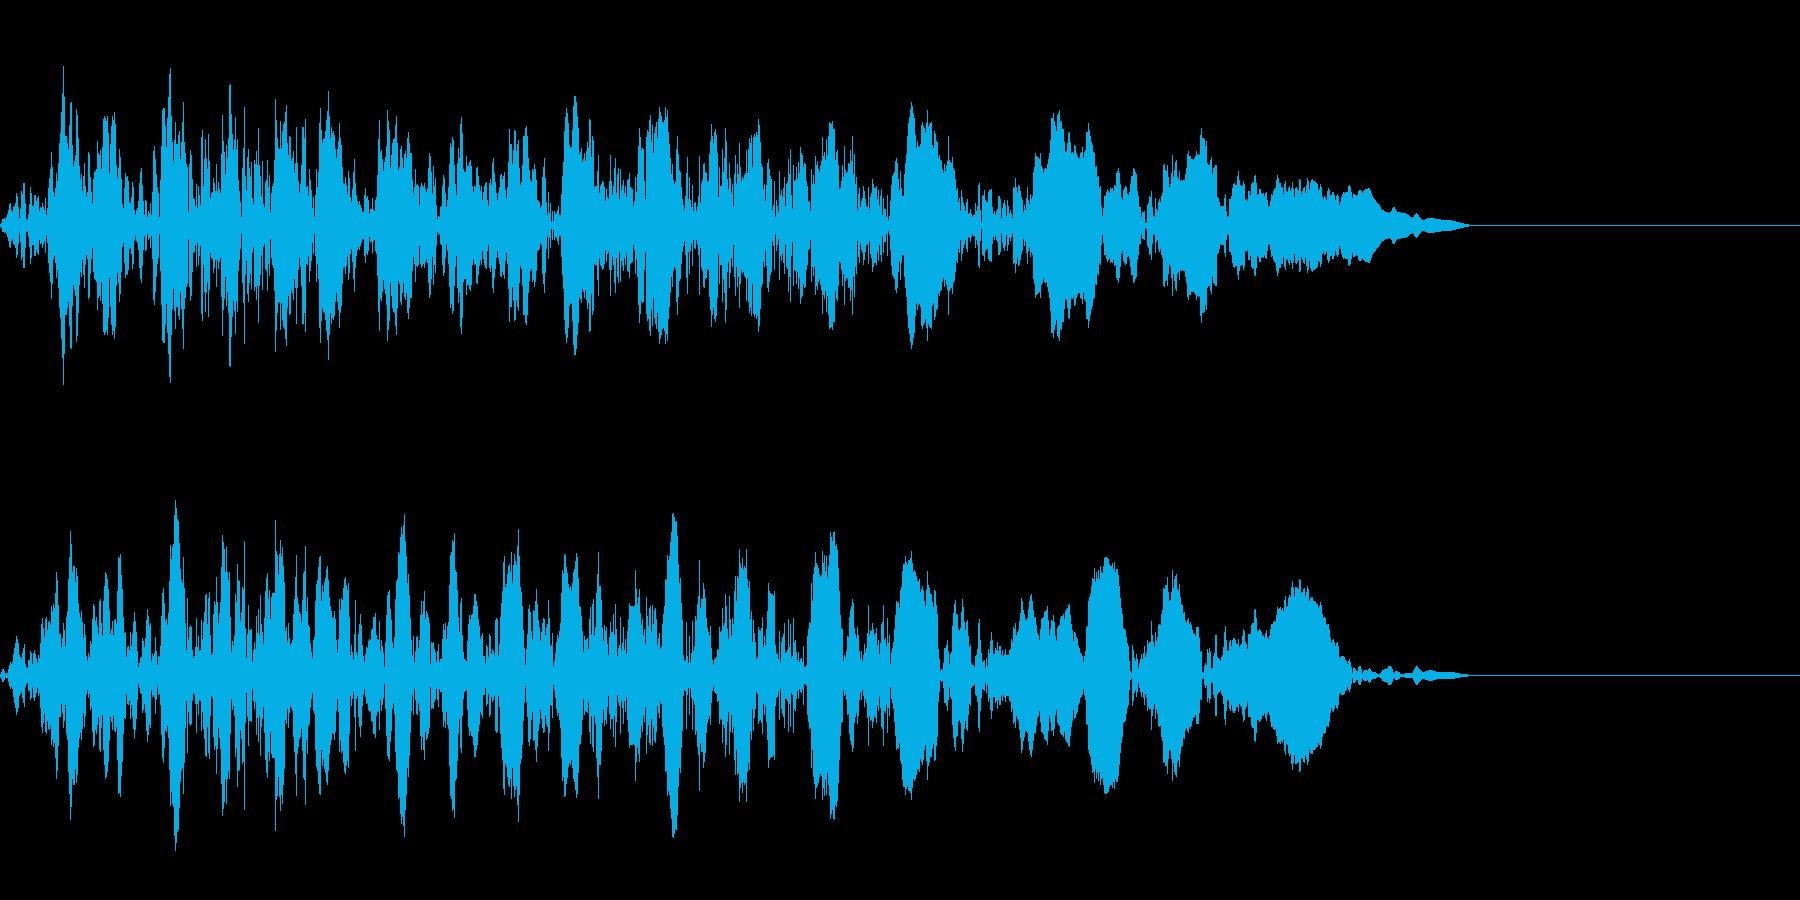 ギューン:テープストップの音(短)の再生済みの波形